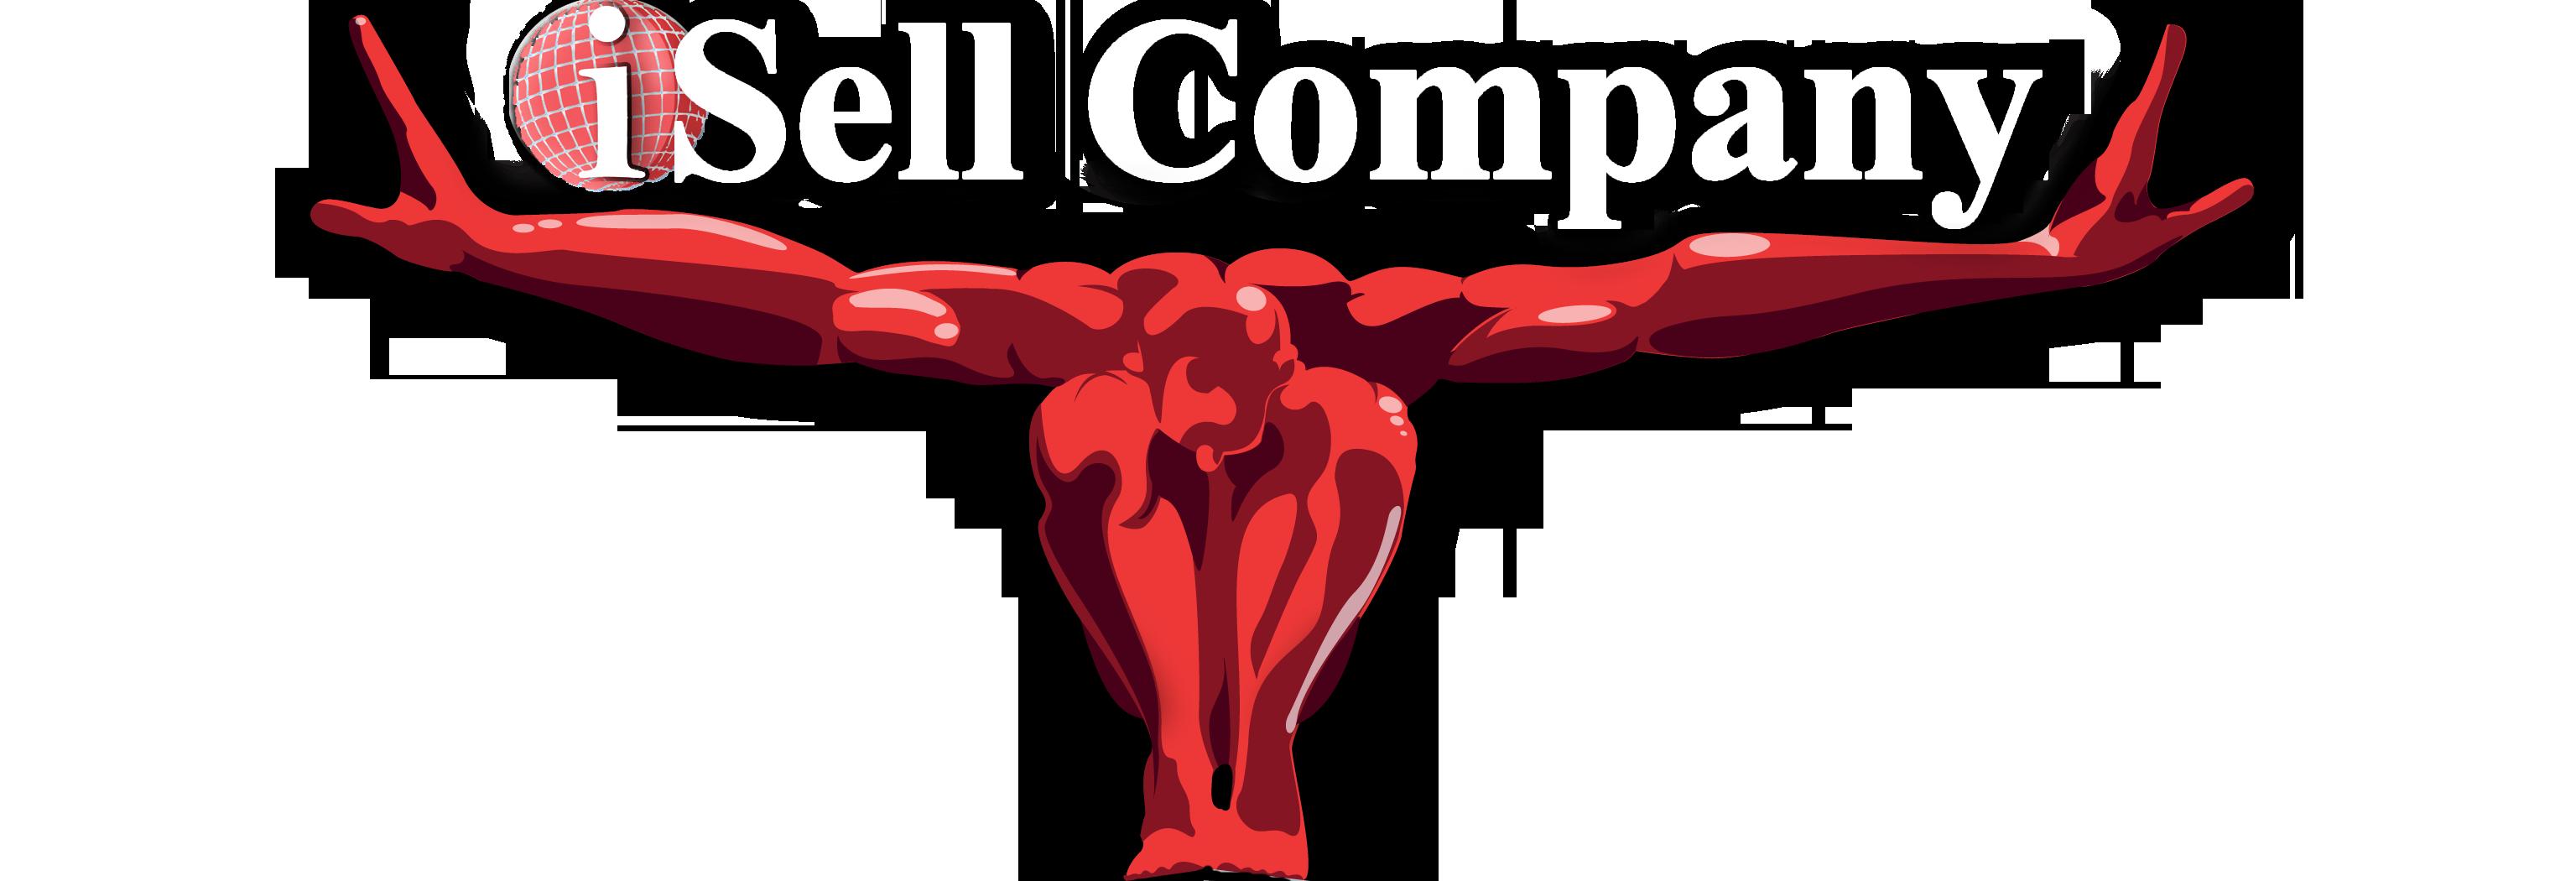 iSellCompany